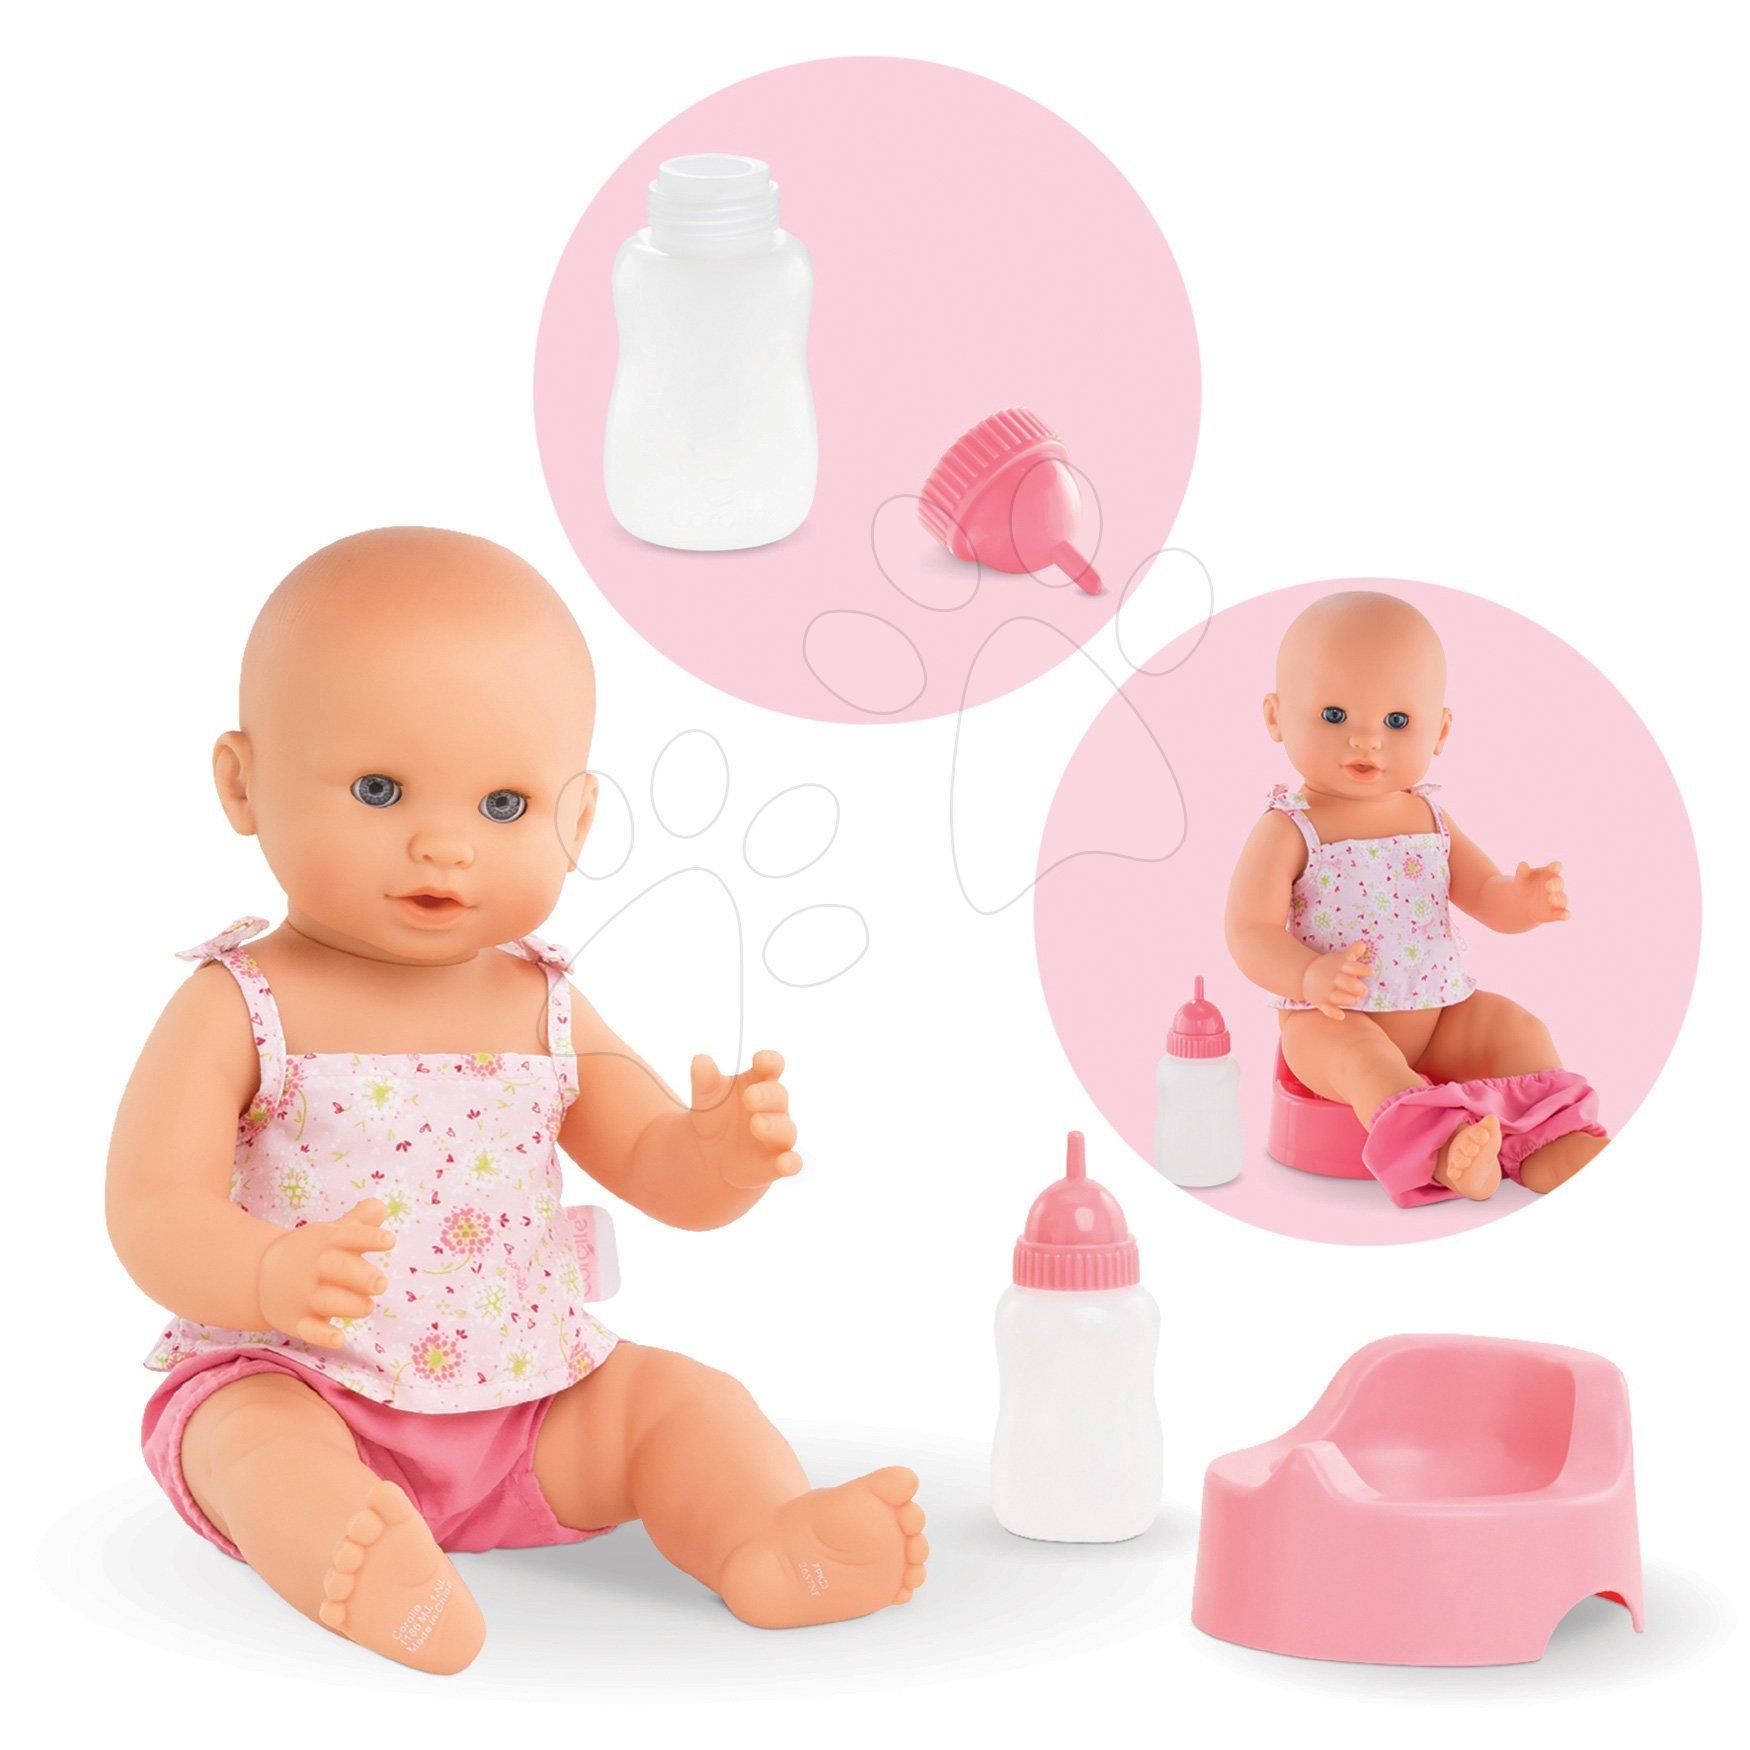 Dojenček Emma pije in lula Mon Grand Poupon Corolle 36 cm z modrimi mežikajočimi očkami in 2 dodatkoma od 24 mes